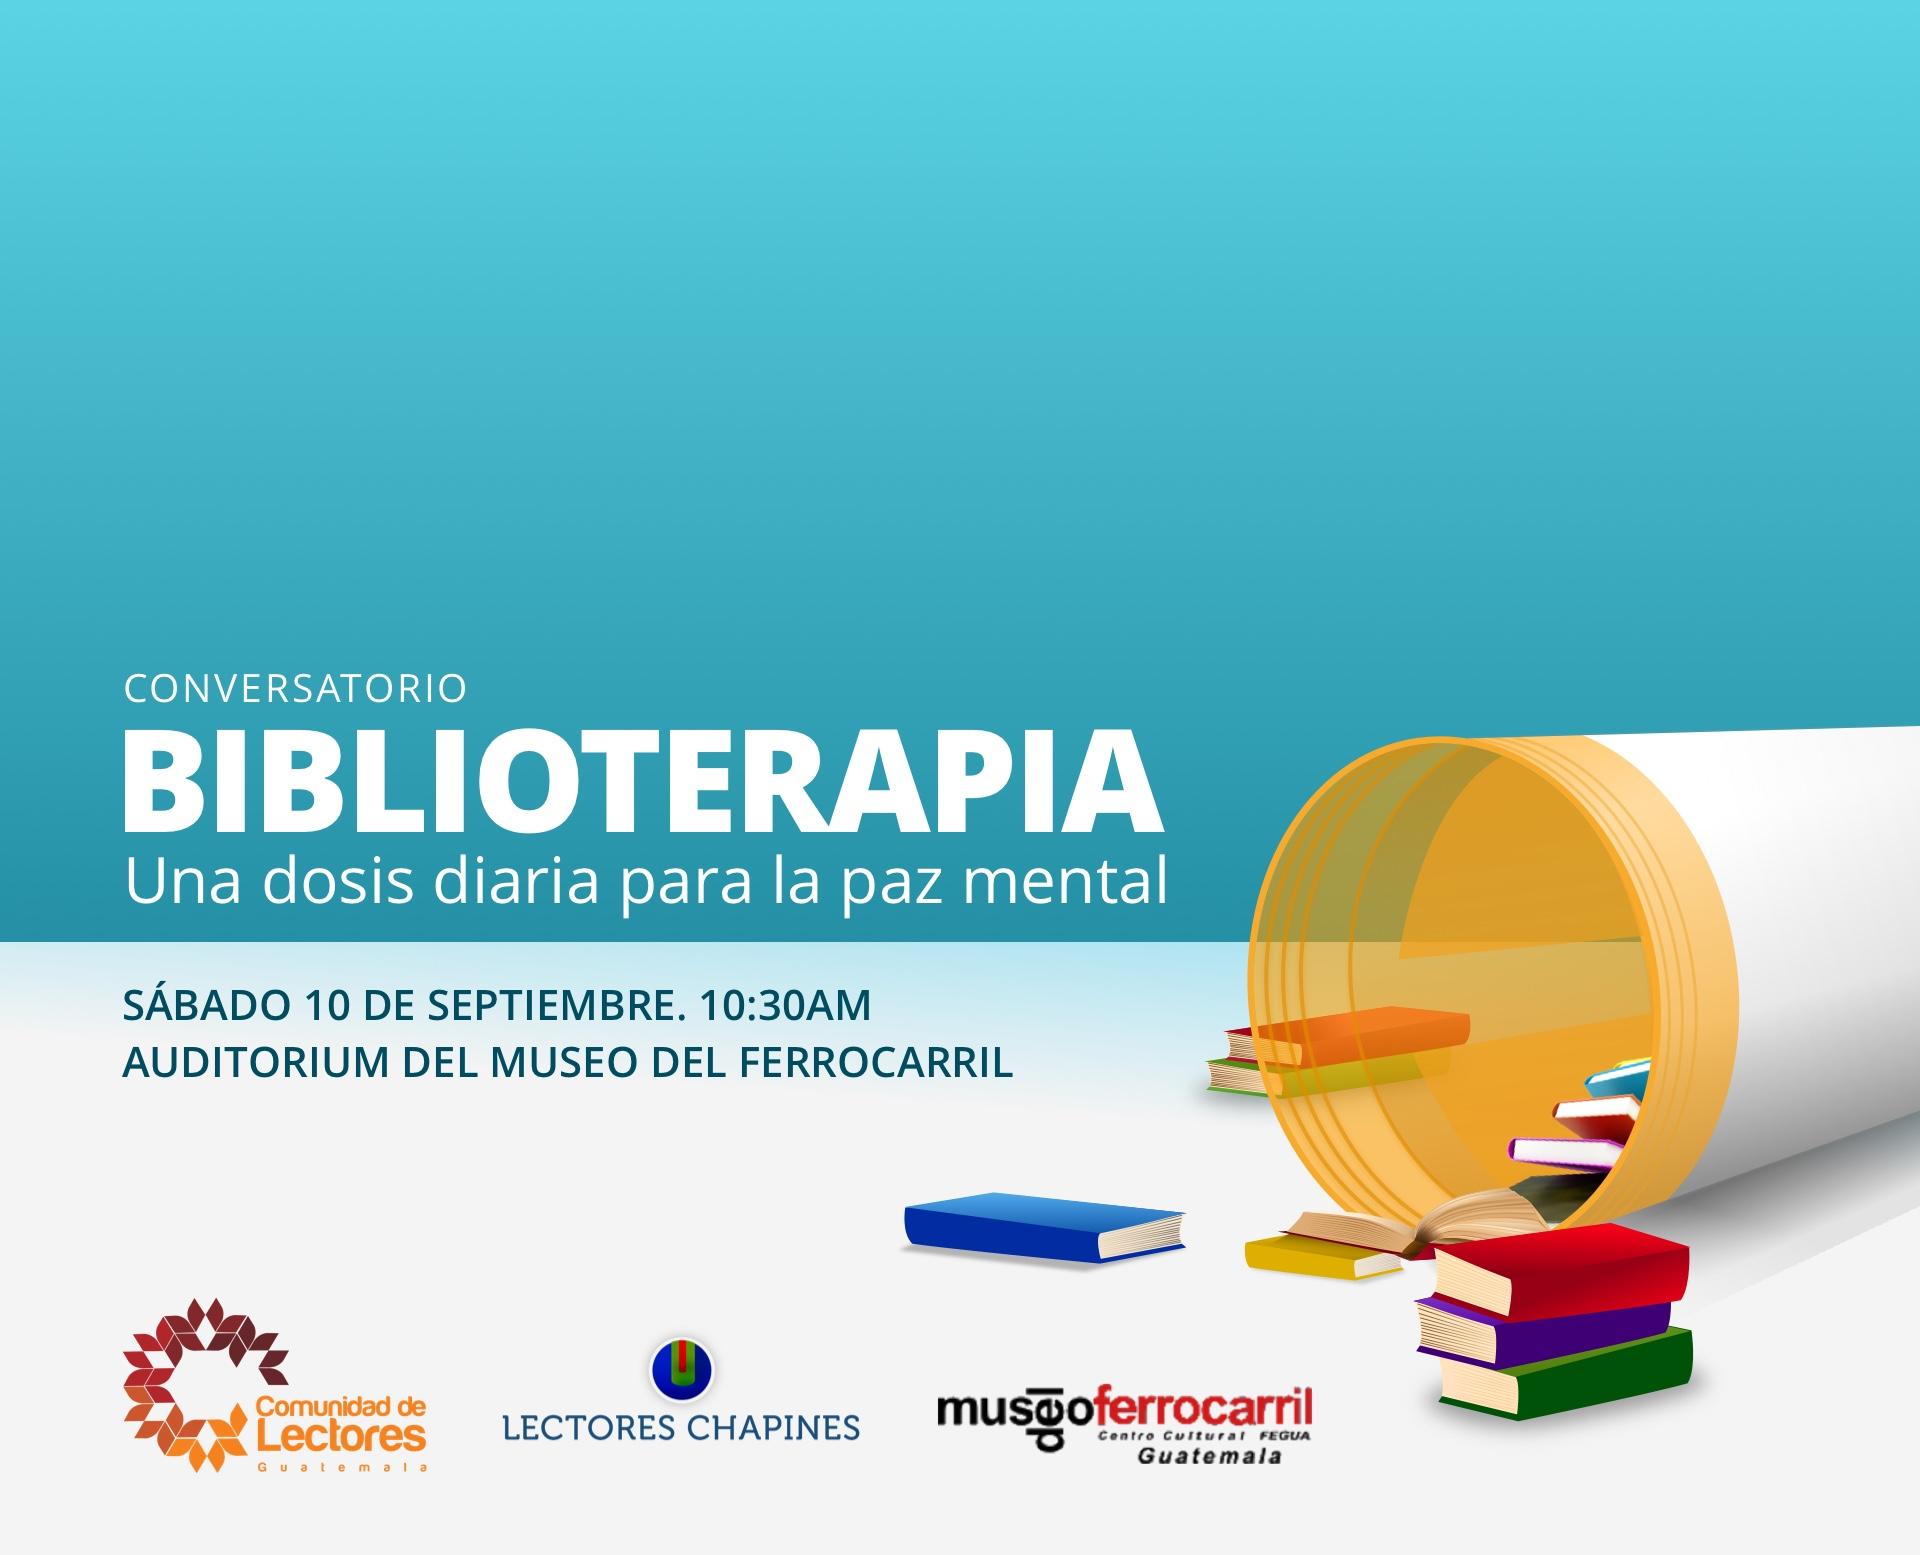 Biblioterapia - Una dosis diaria para la paz mental